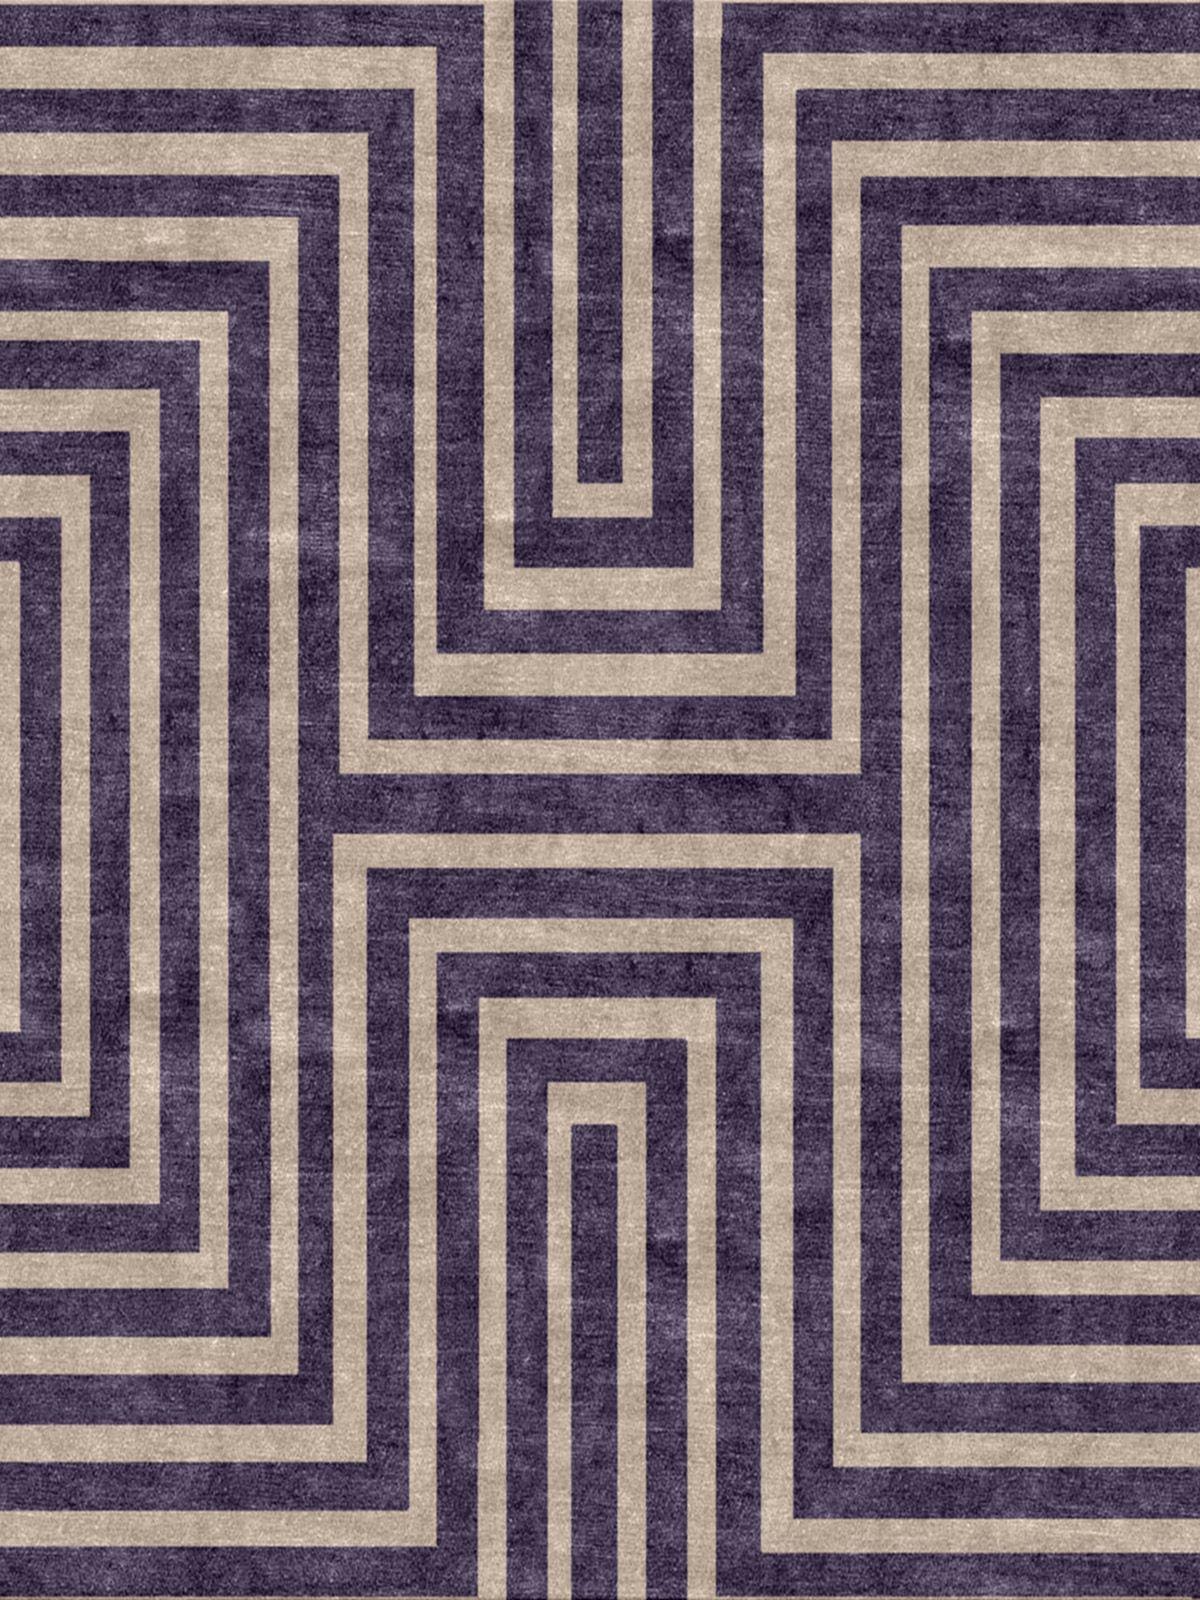 Luxury Rugs Bespoke Designer Rugs Bazaar Velvet London Luxury Rug Art Deco Rugs Rugs On Carpet